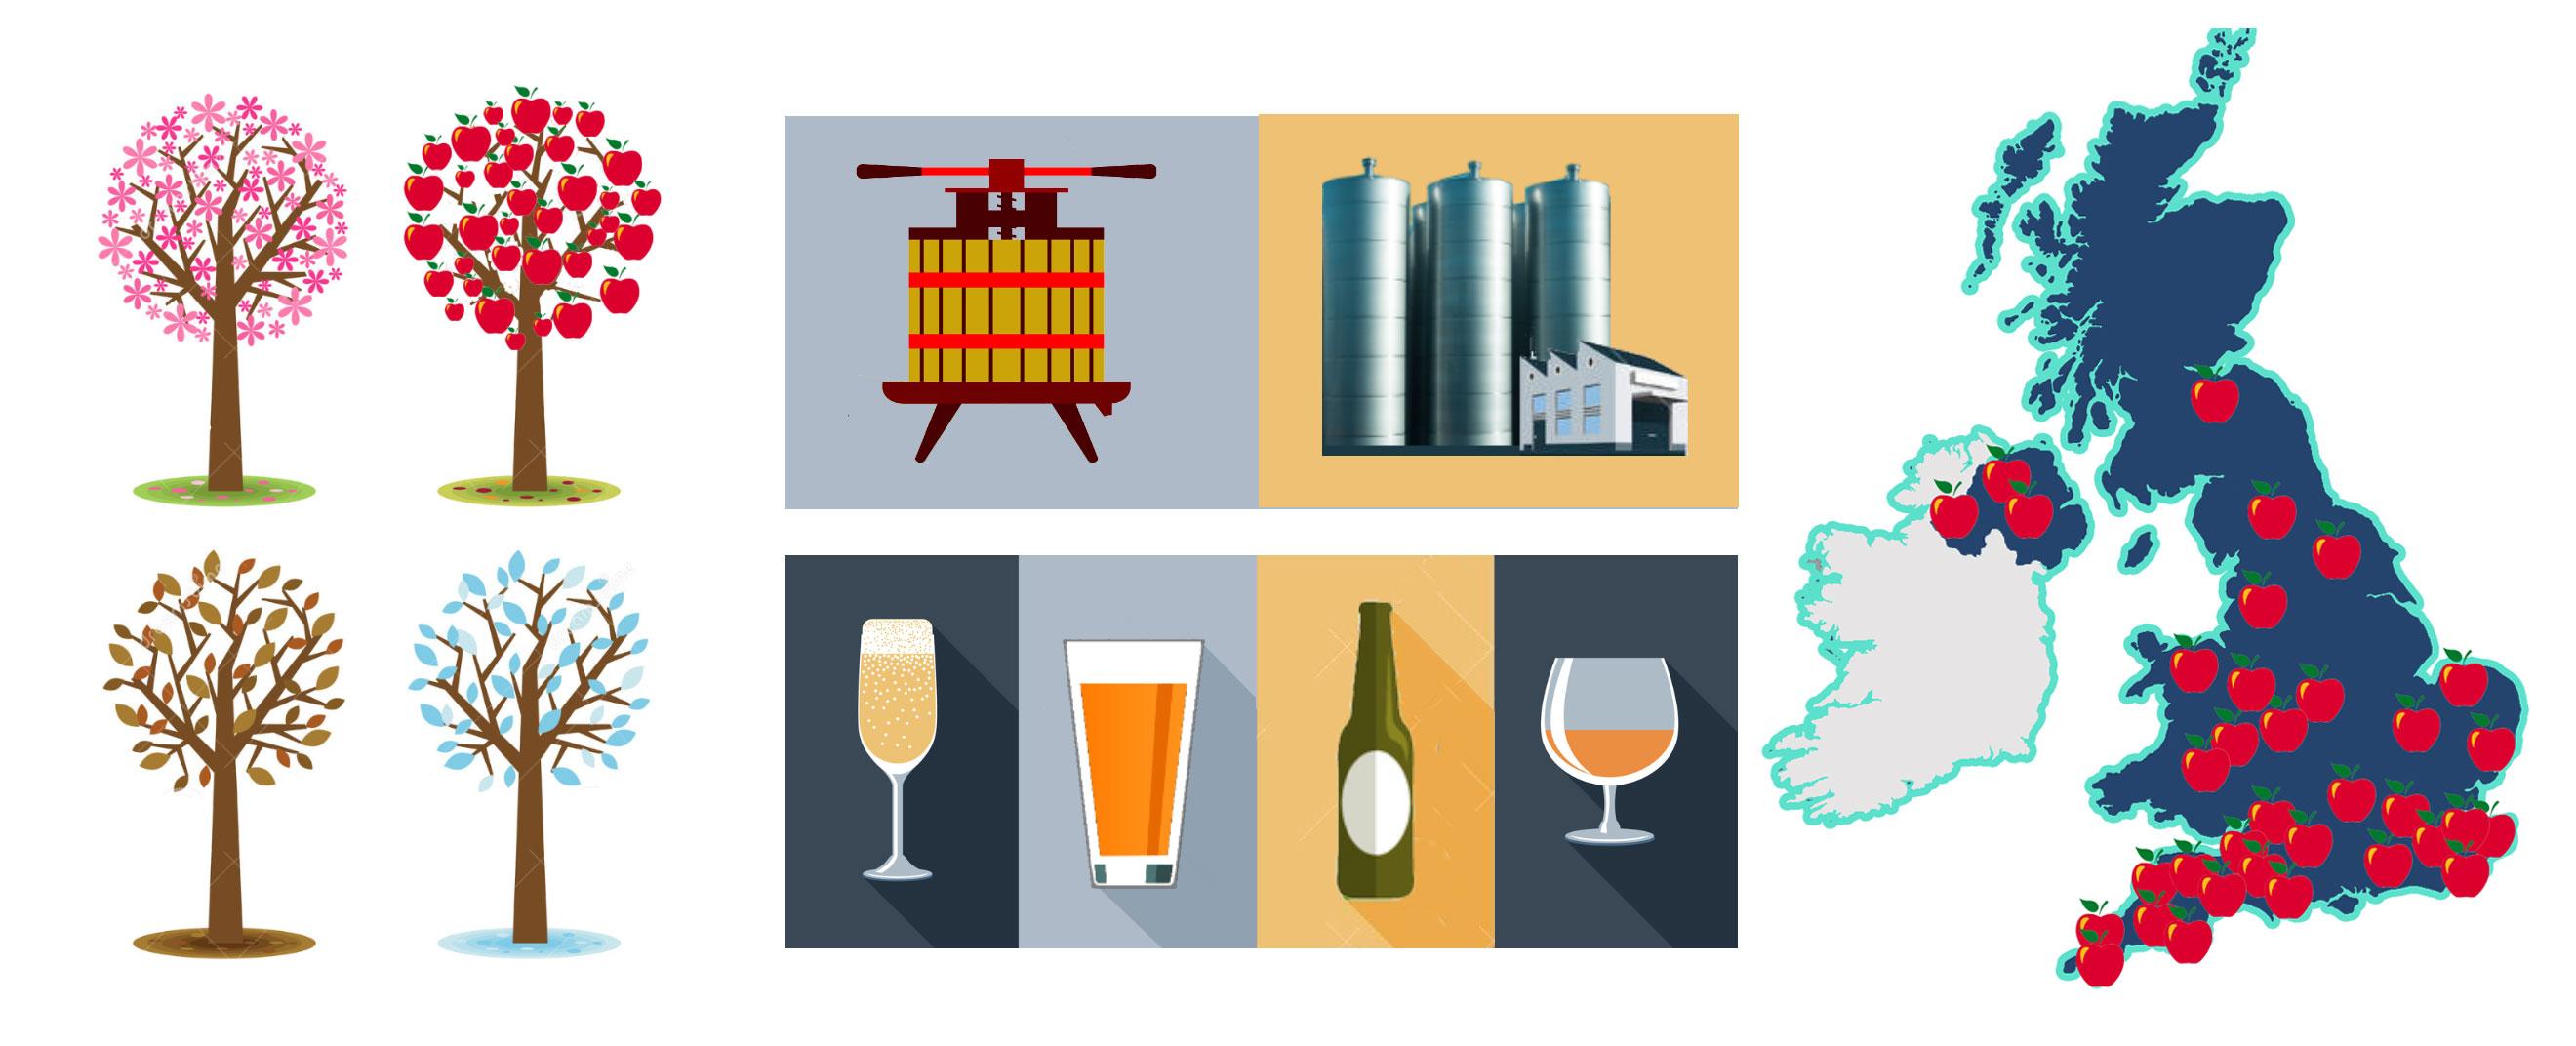 Cider appeal